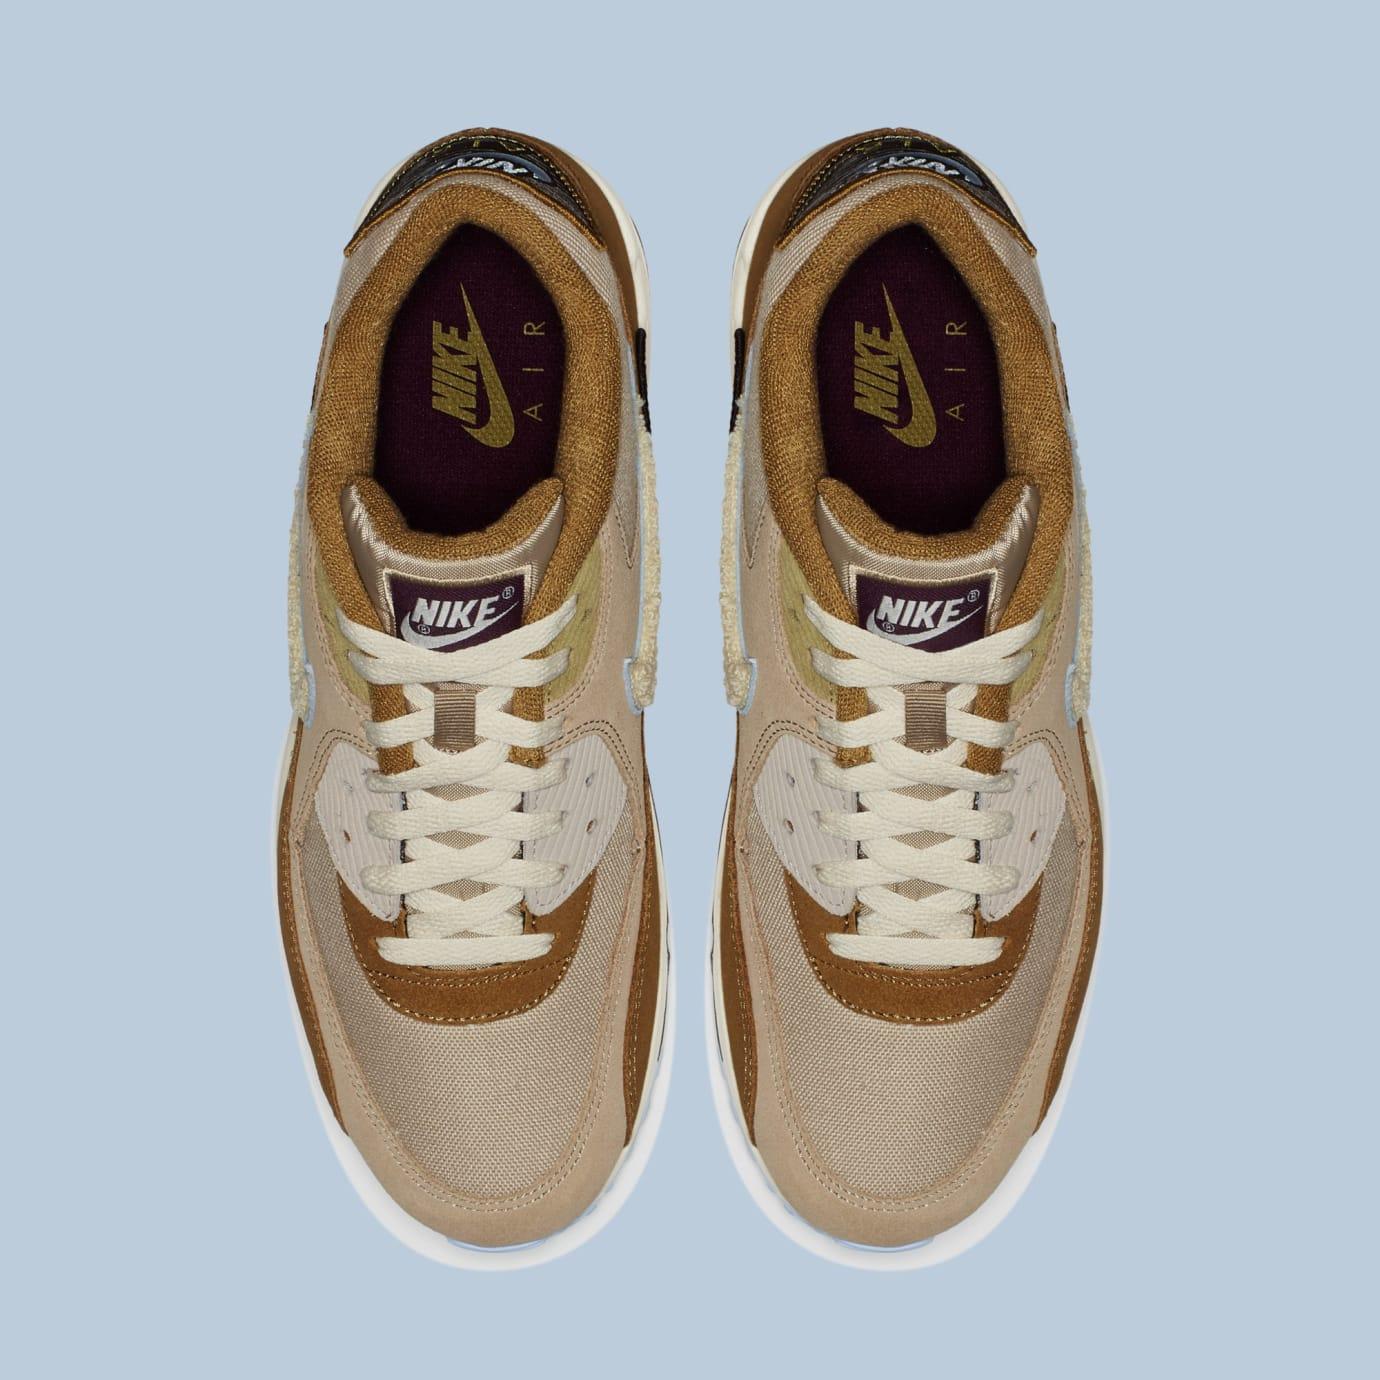 Nike Air Max 90 858954-200 (Top)